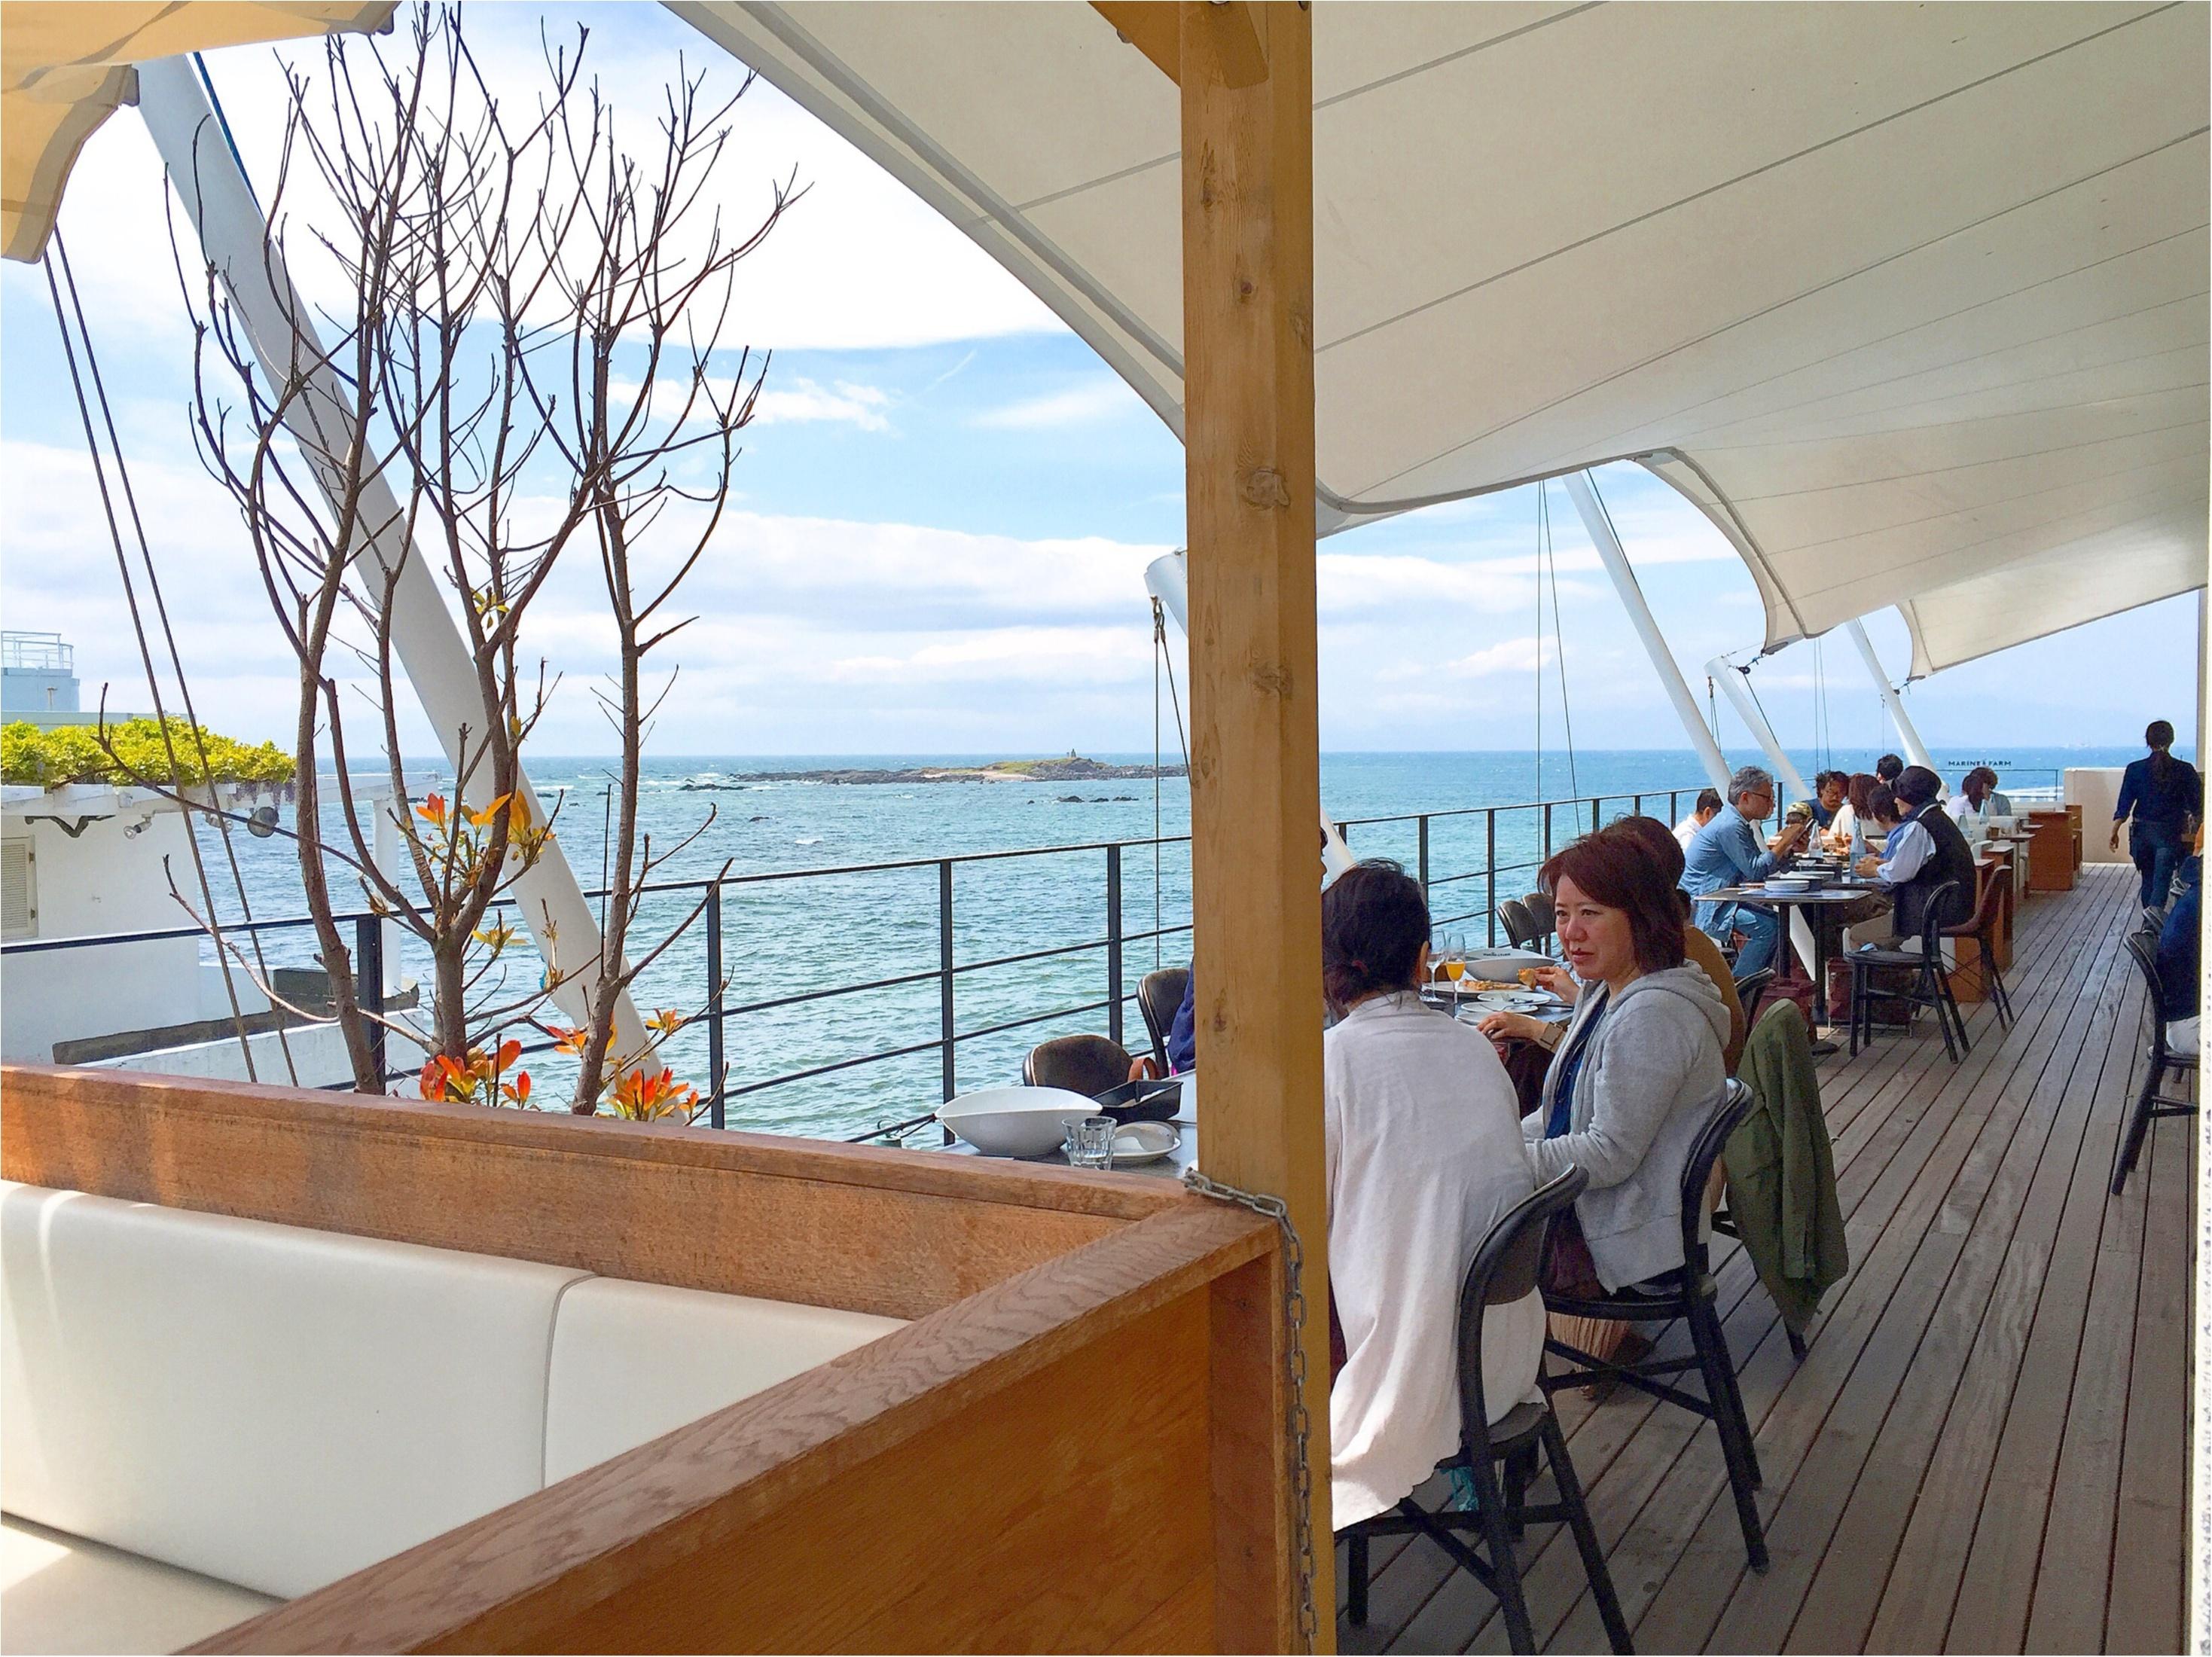 まるで海上レストラン!?海が目の前に広がるテラス席♡三浦半島の【MARINE & FARM(マリンアンドファーム)】が大人気なワケ♡_5